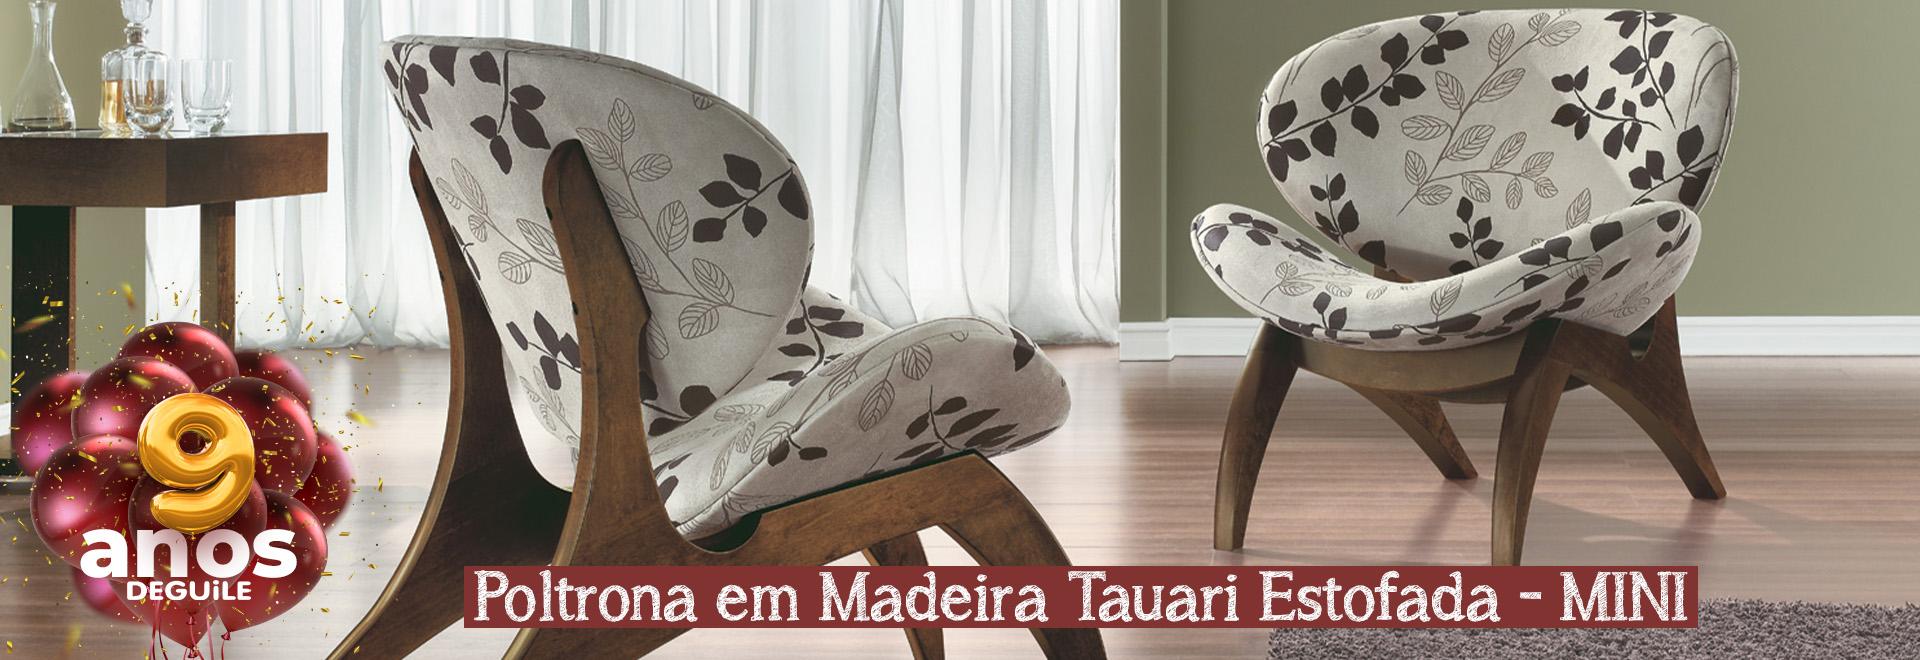 Poltrona em Madeira Tauari Estofada - MINI